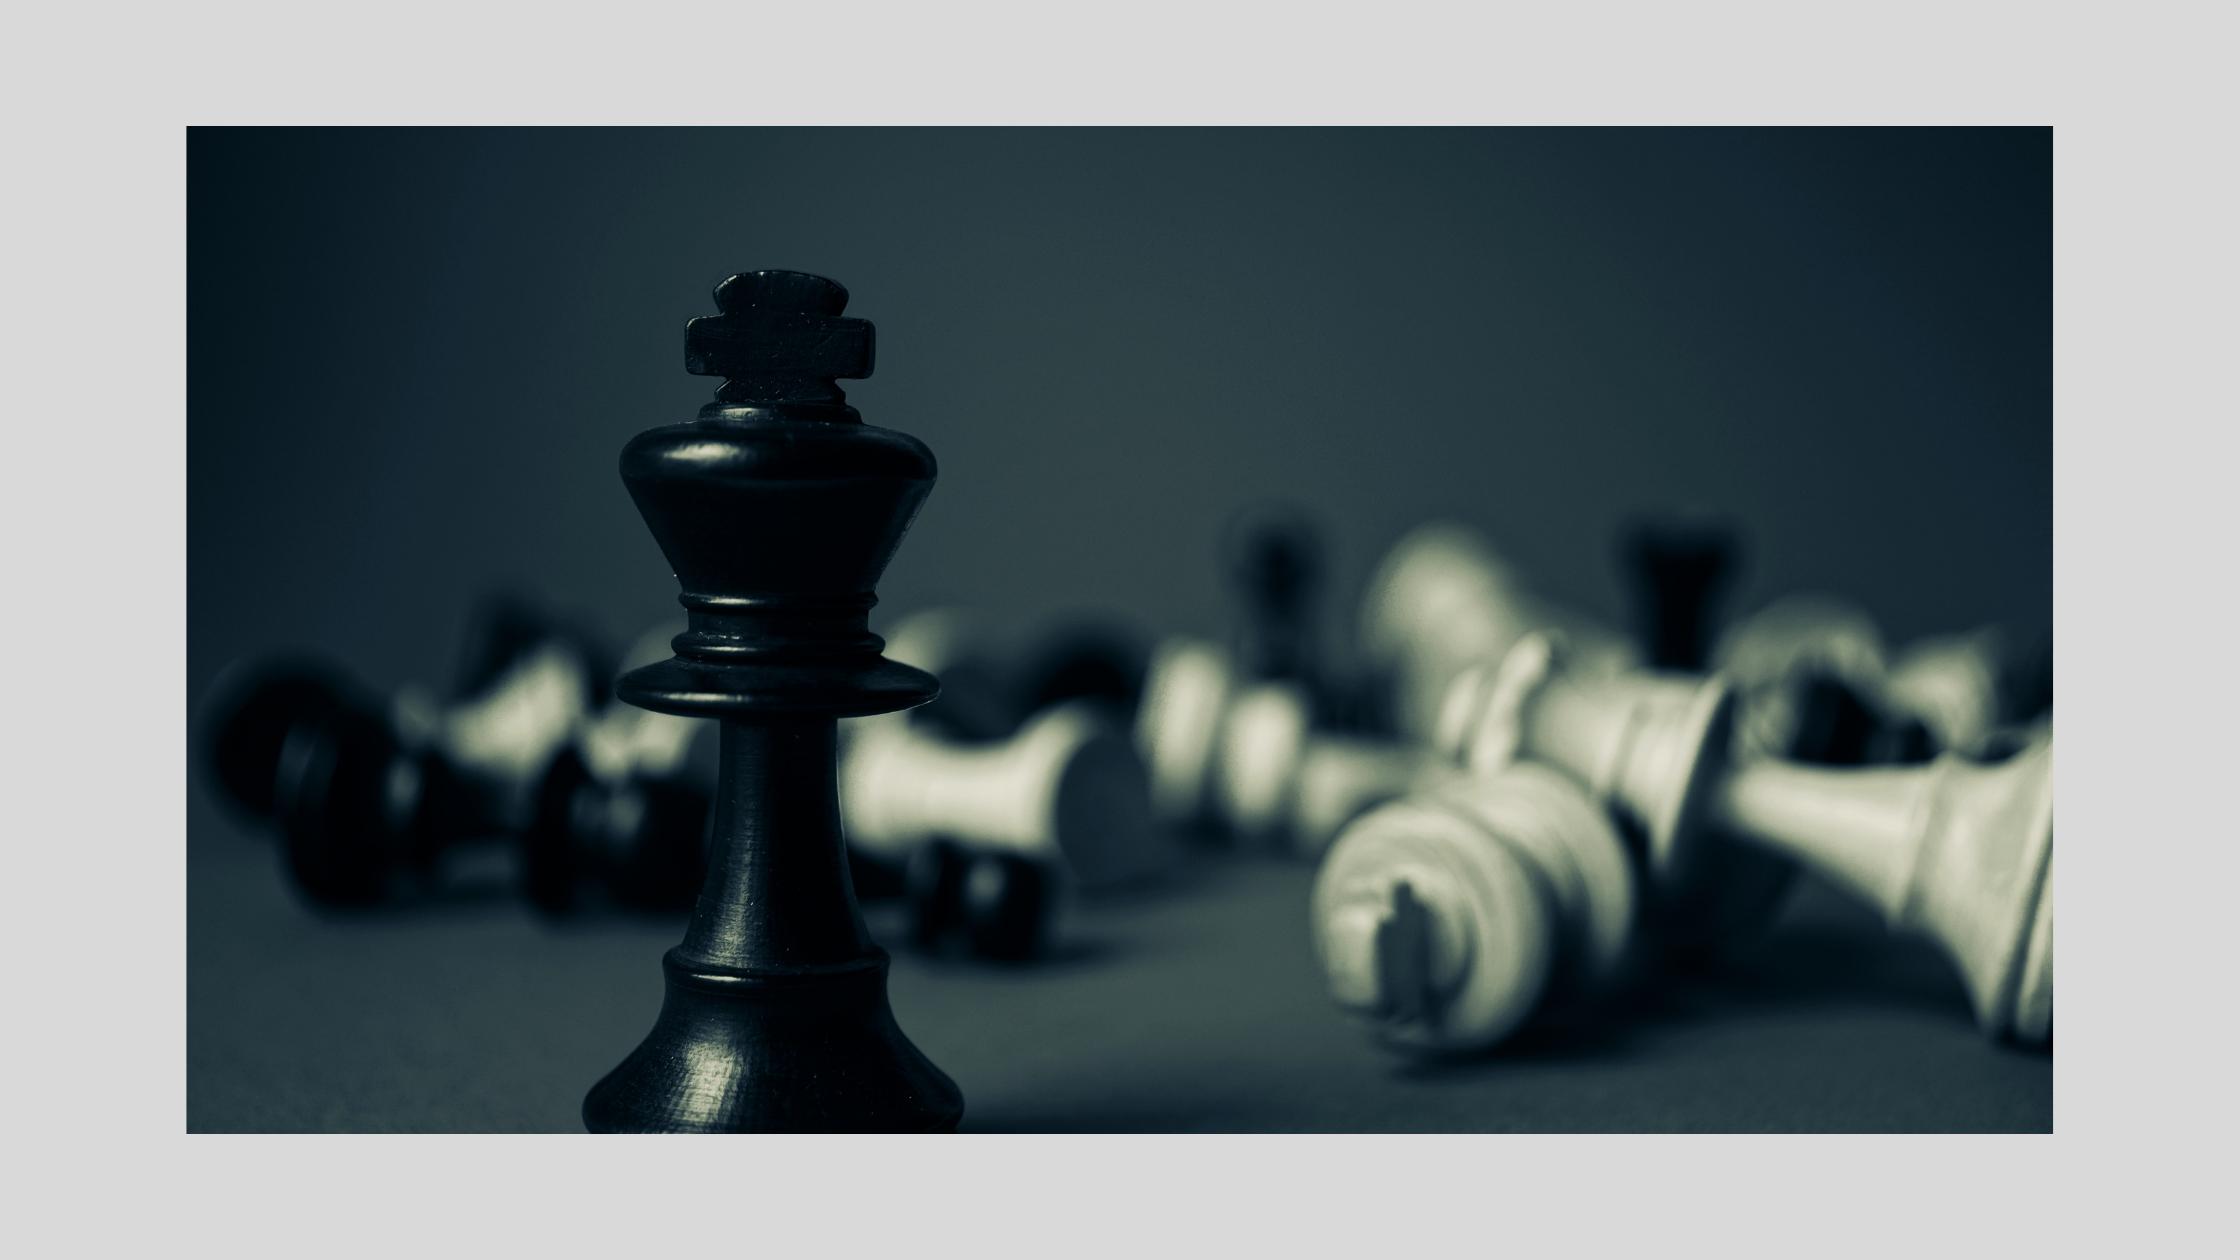 Concorrenza sleale tra imprese tra ipotesi tipiche e dovere generale di correttezza.